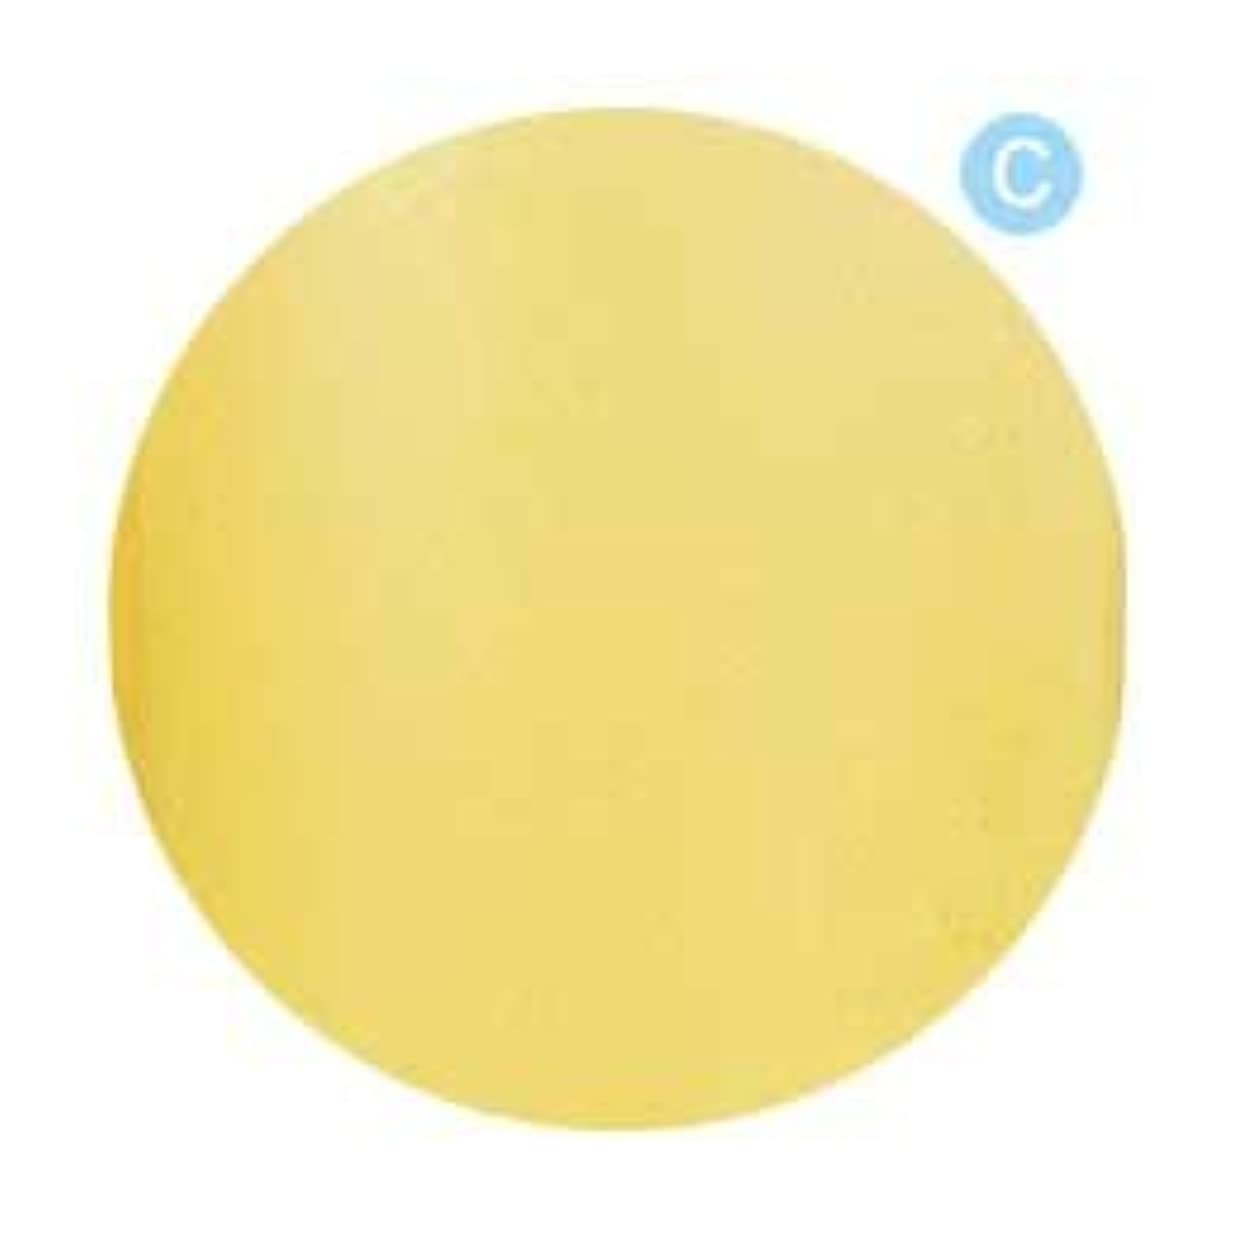 解決カルシウムキルトPalms Graceful カラージェル 3g 019 クリアレモン